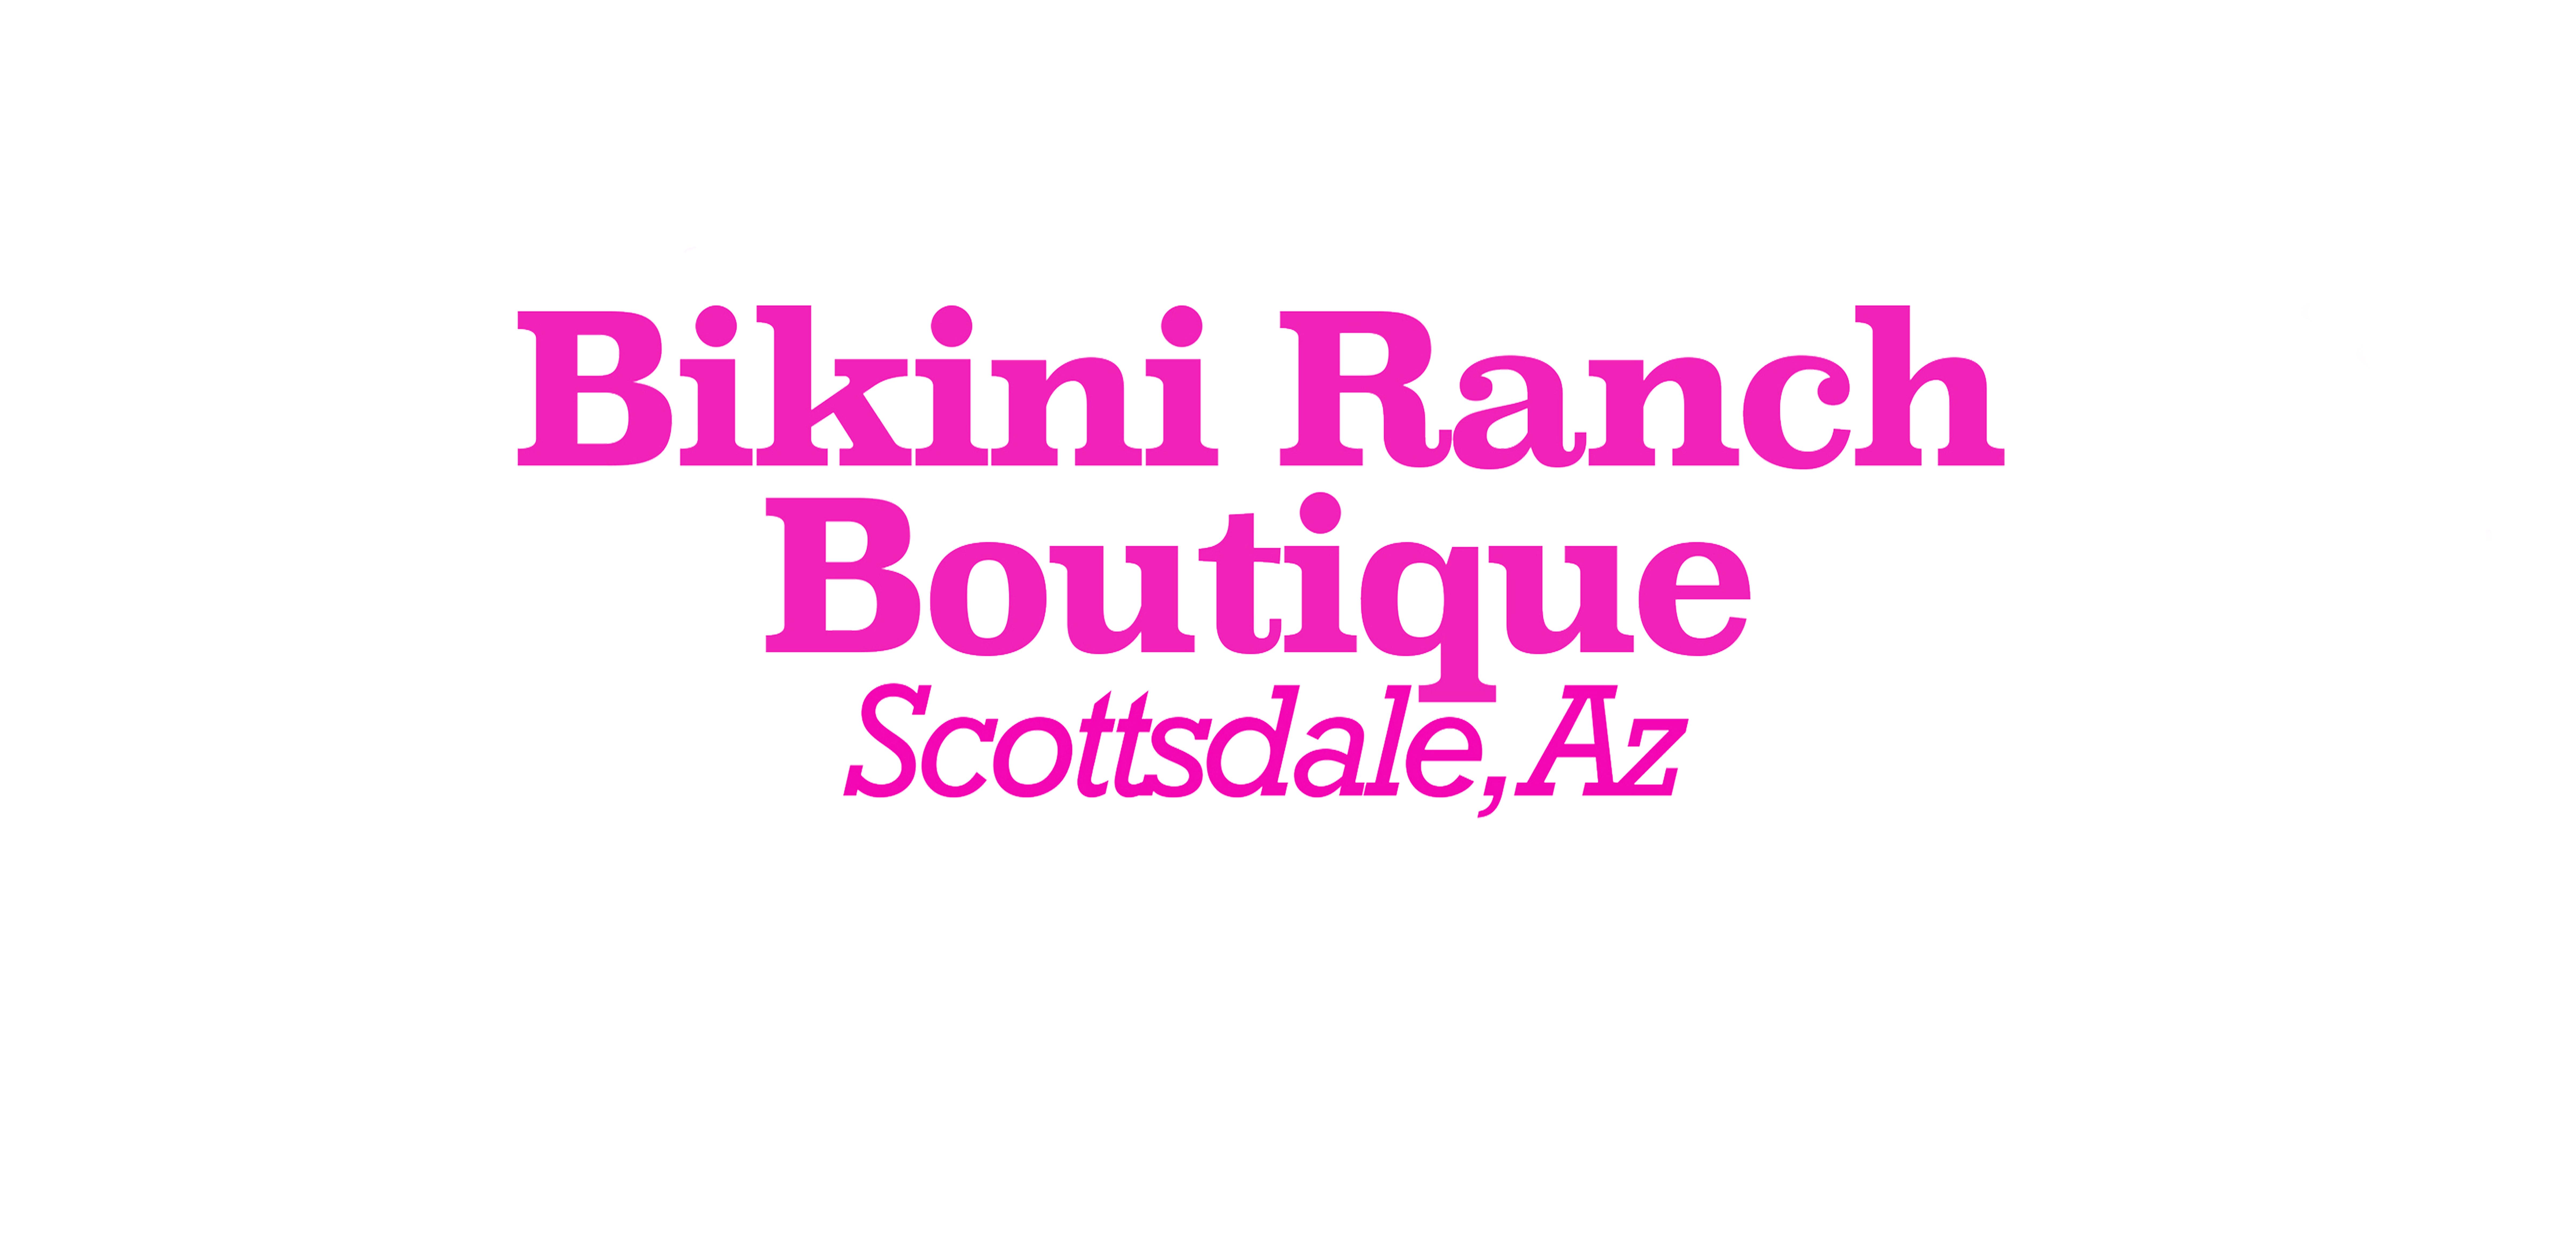 Bikini Ranch Boutique